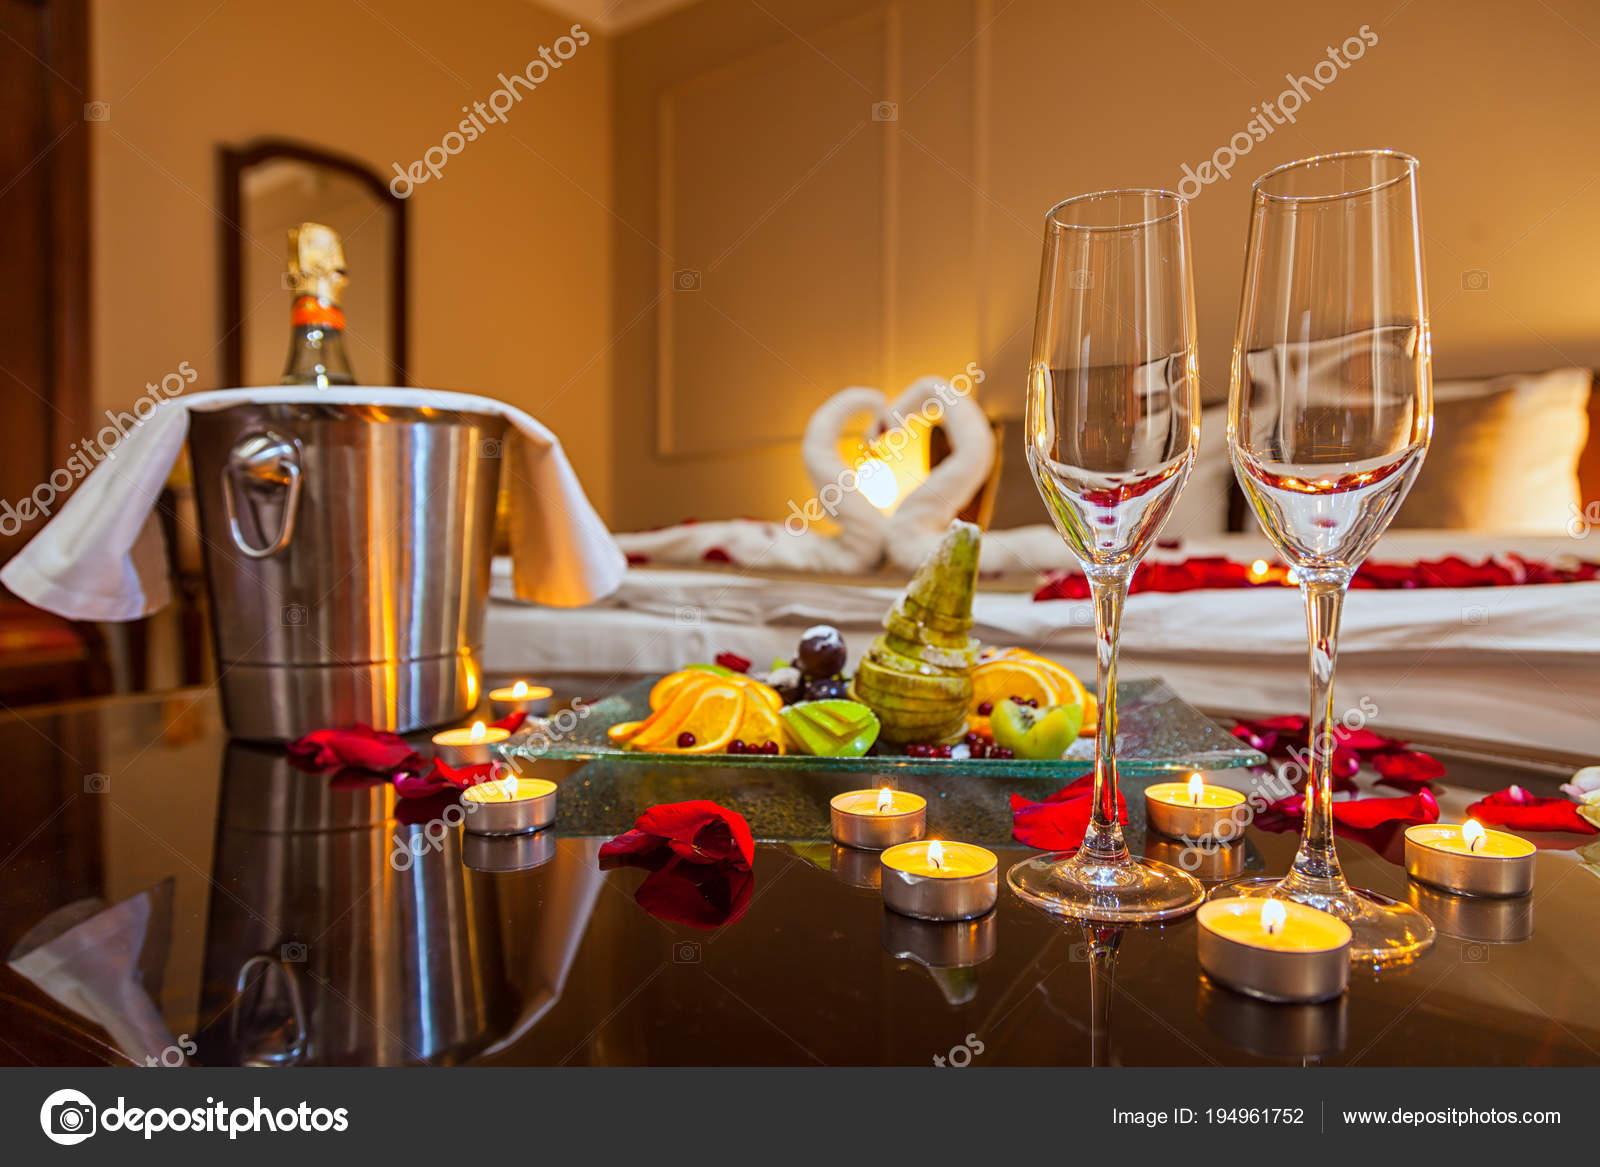 Camera Da Letto Romantica Con Candele : Camera albergo una luna miele tavolo con piatto frutta candele